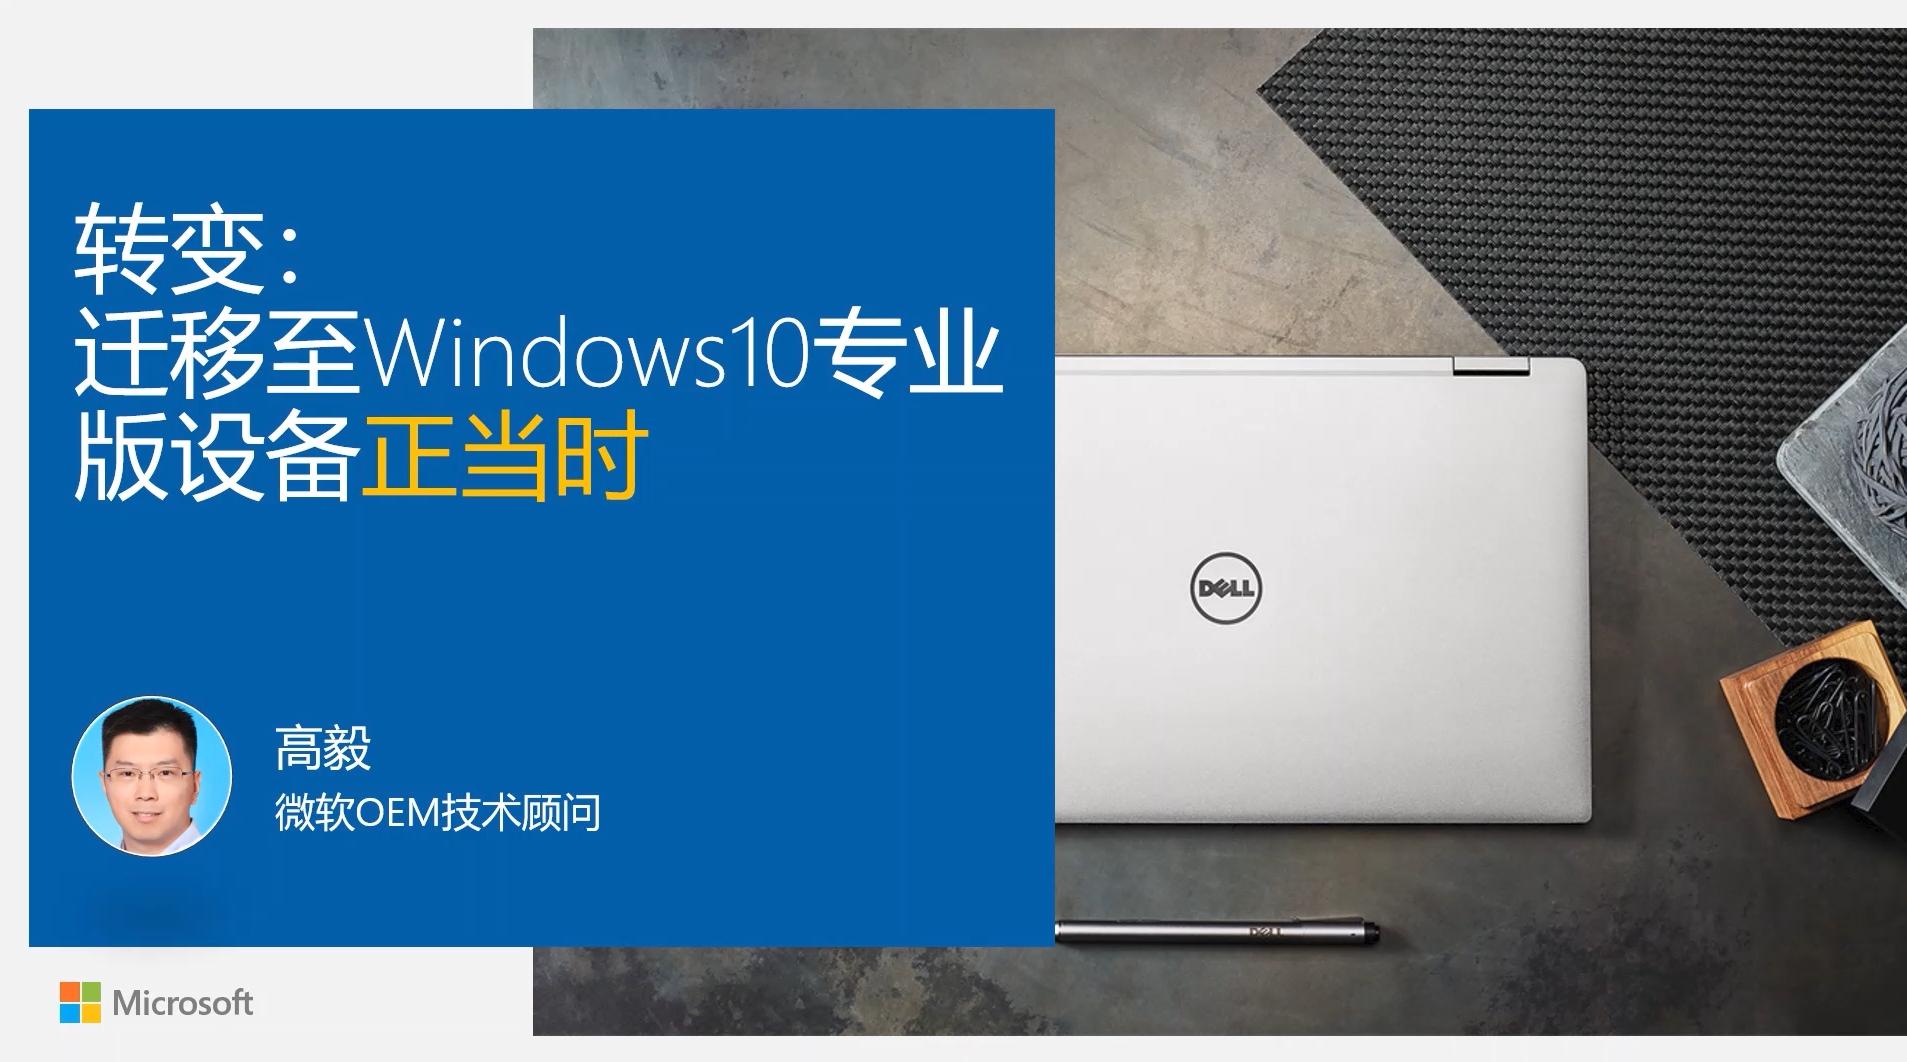 转变:迁移至Windows10专业版设备正当时